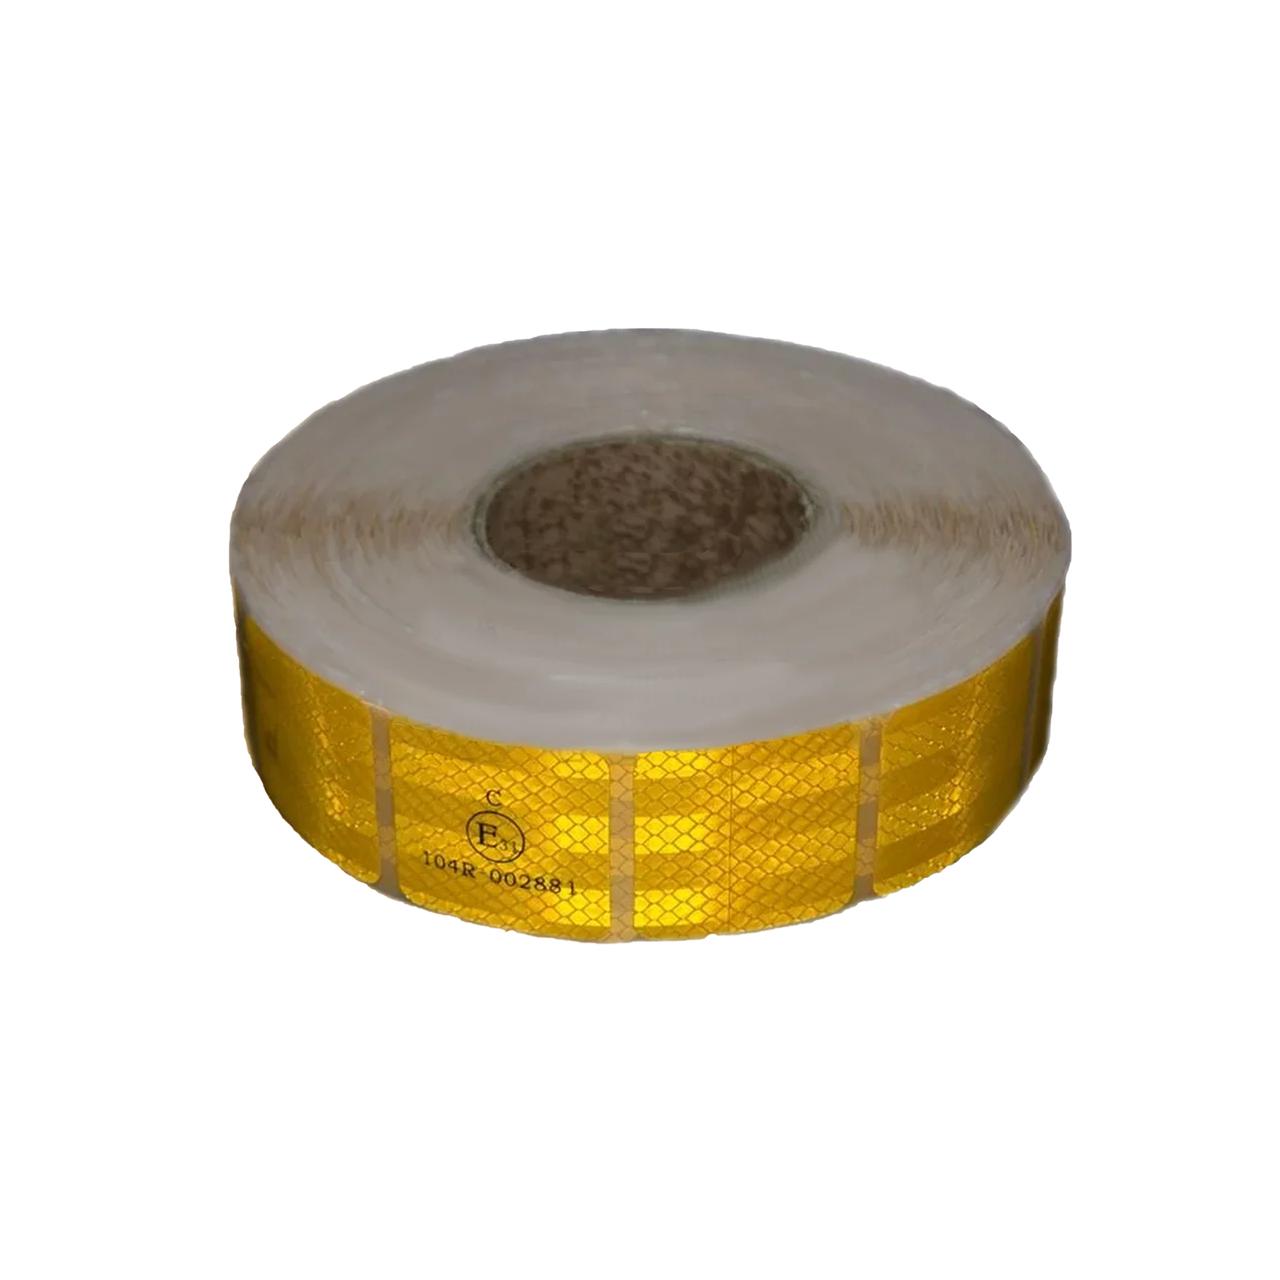 Світловідбиваюча стрічка для маркування кузова Квадратами Жовта 50м Е31